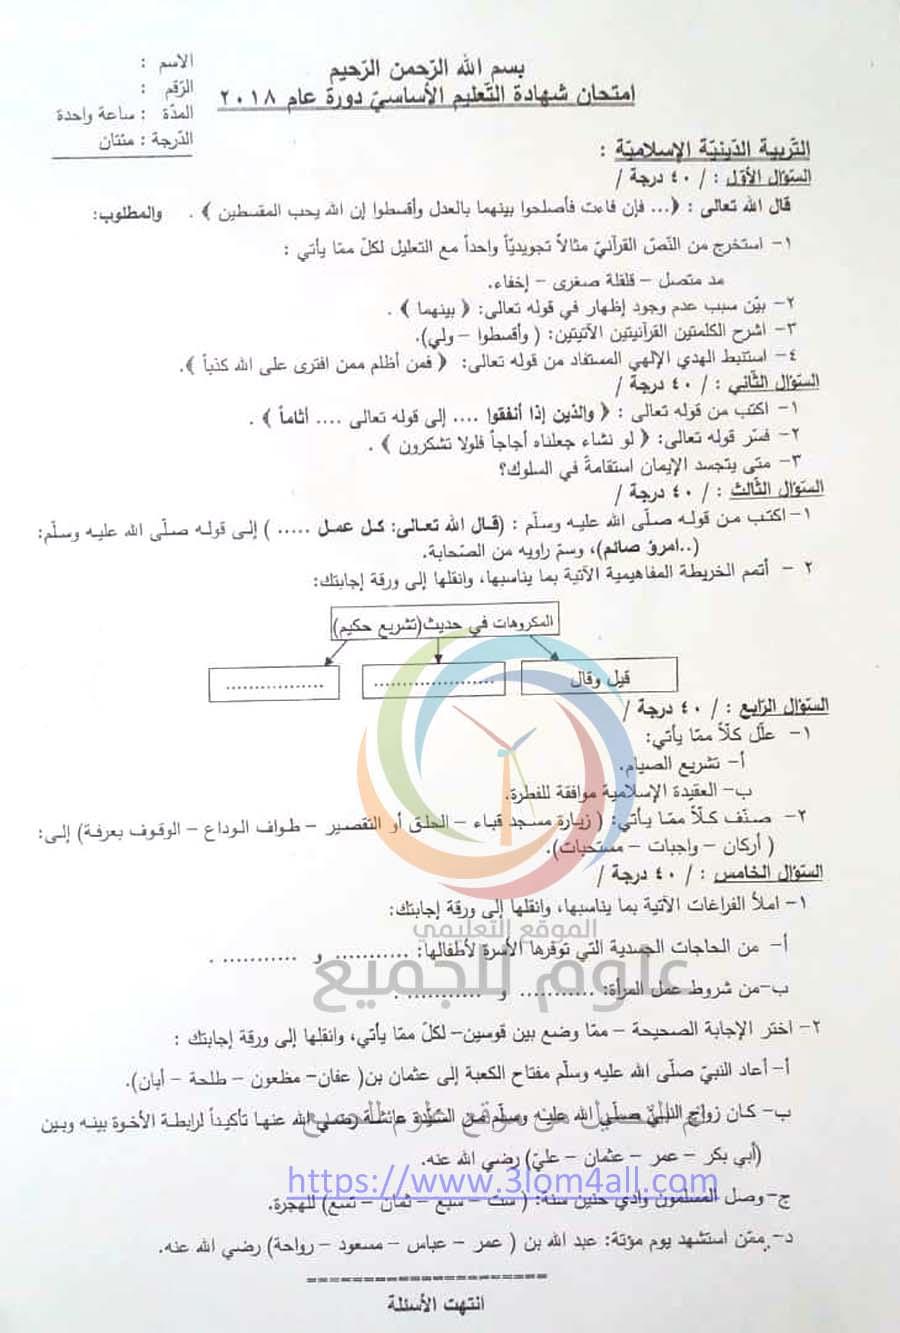 حماه واللاذقية ورقة اسئلة وزارة التربية للديانة للصف التاسع دورة 2018 - الامتحان النهائي